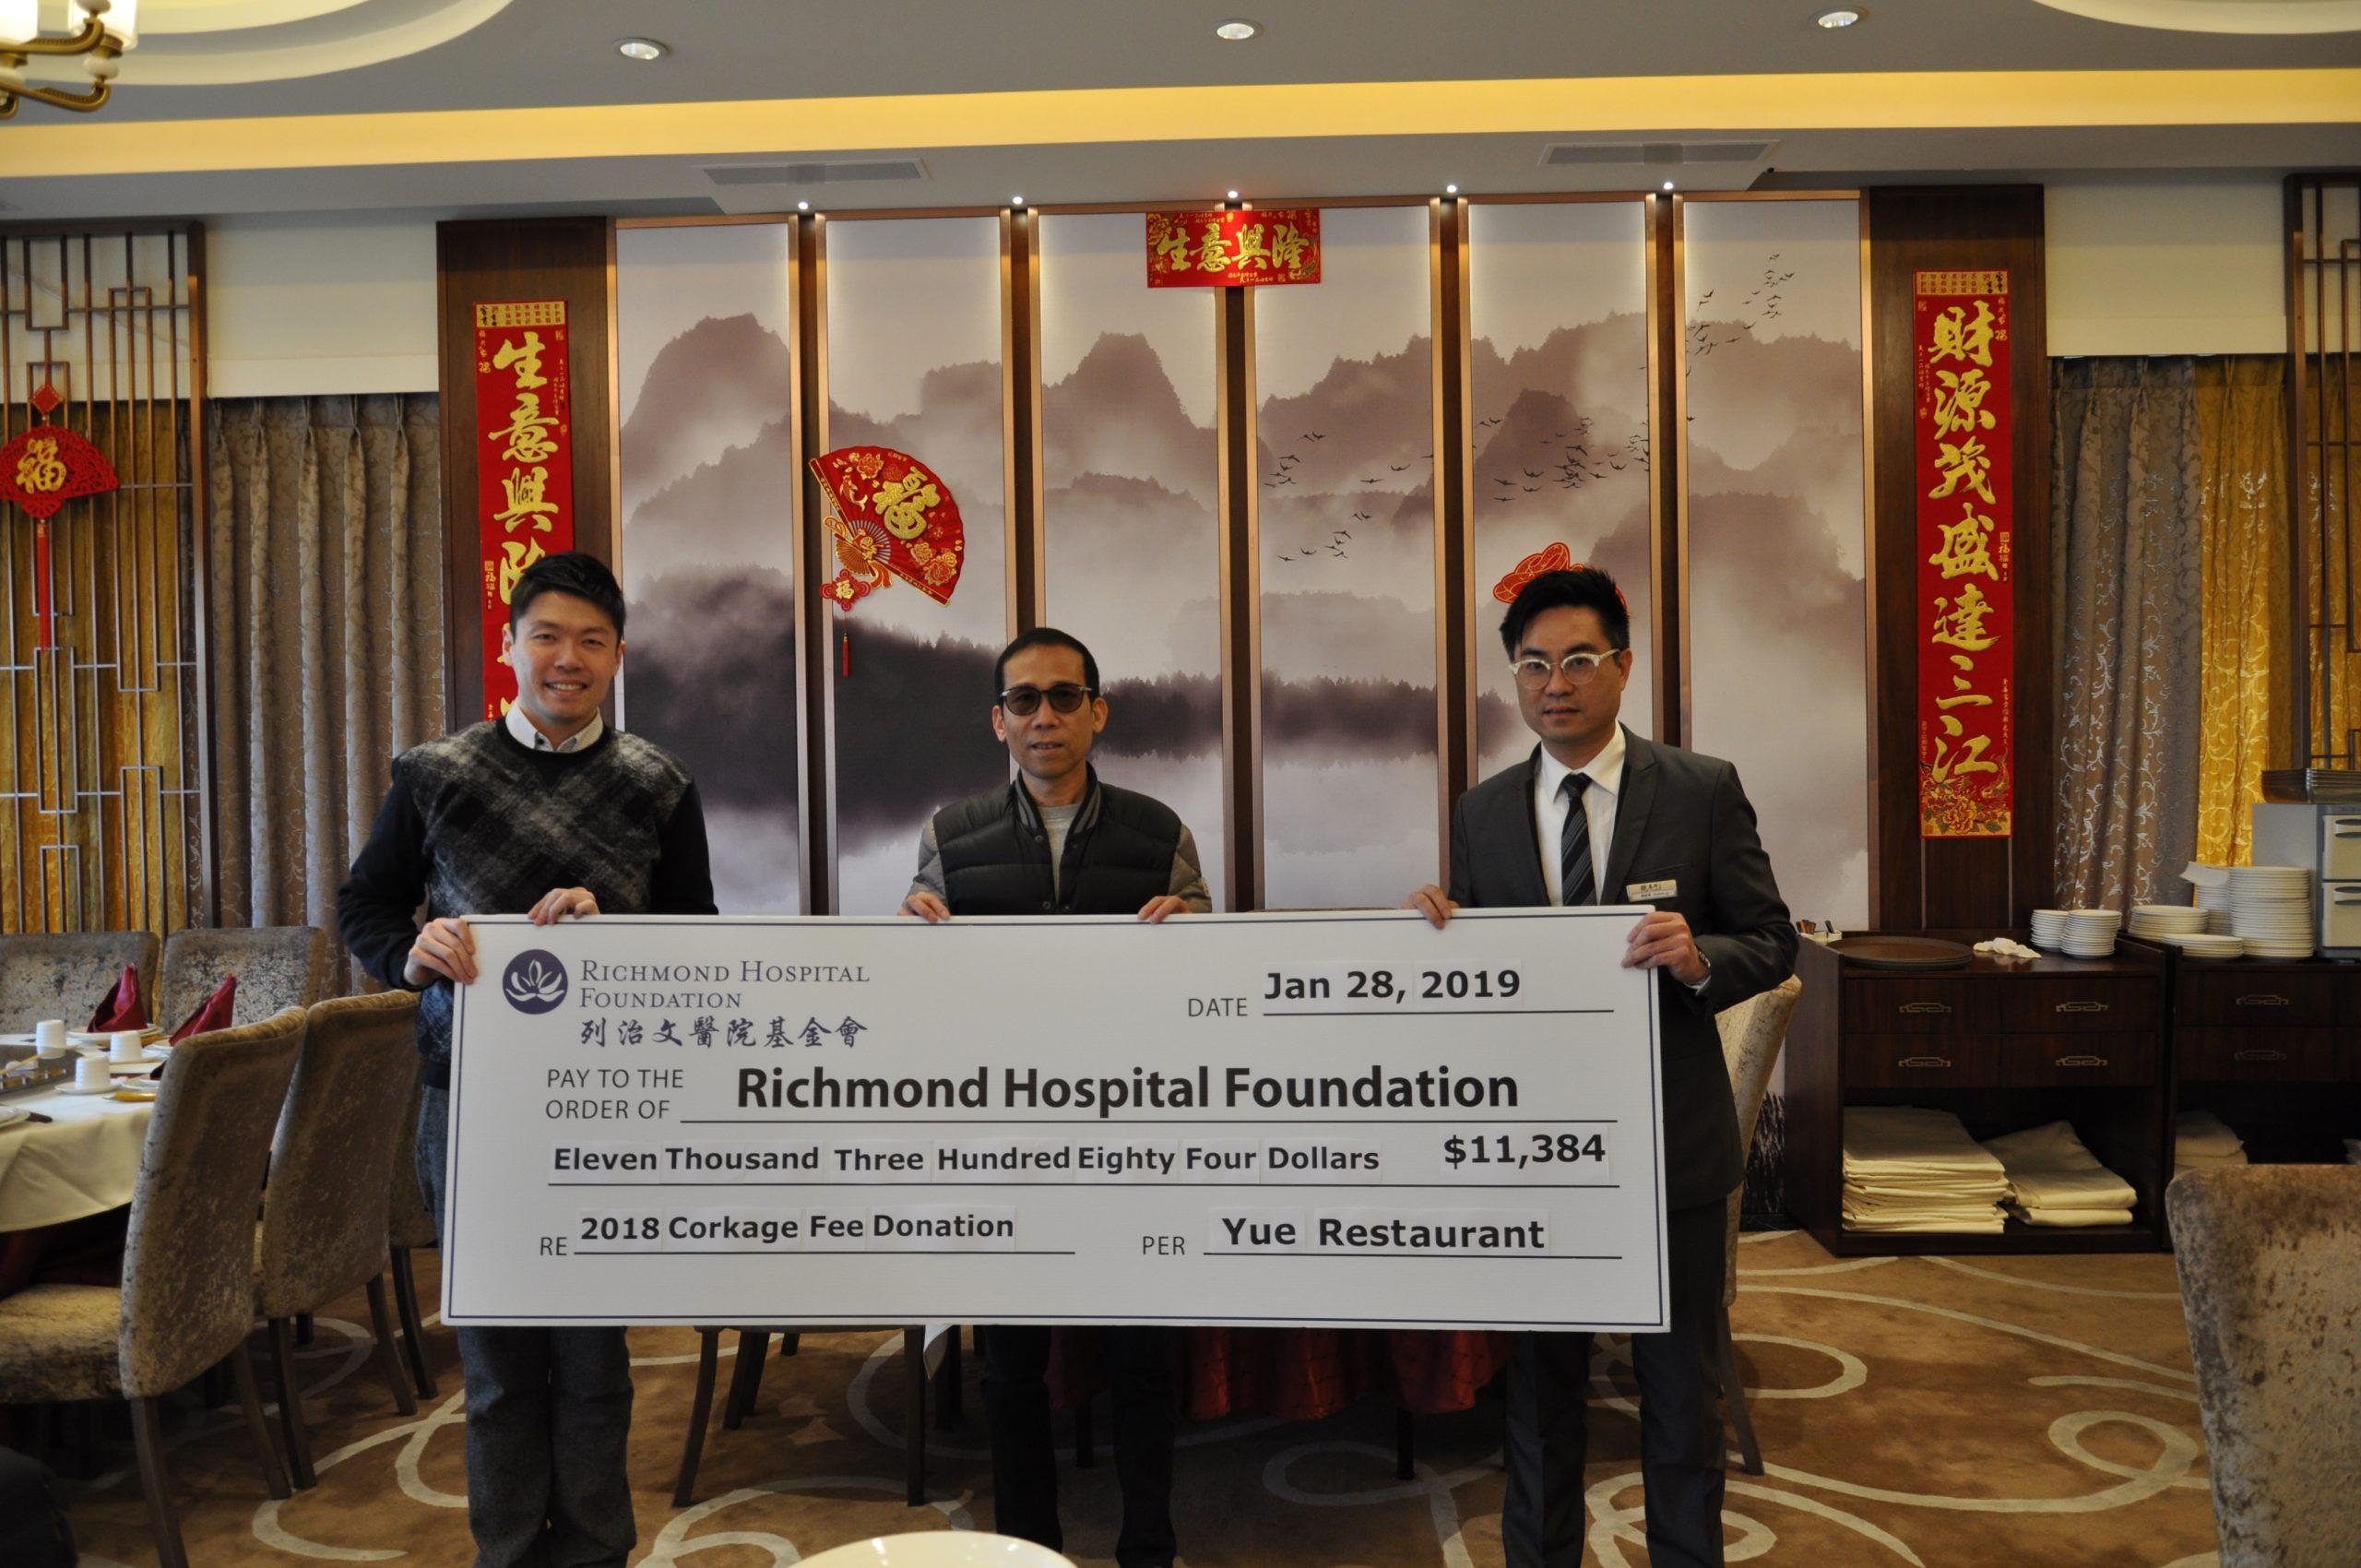 鮑粵軒捐贈全年開瓶費收益$11,384 協助提升列治文醫院醫療護理